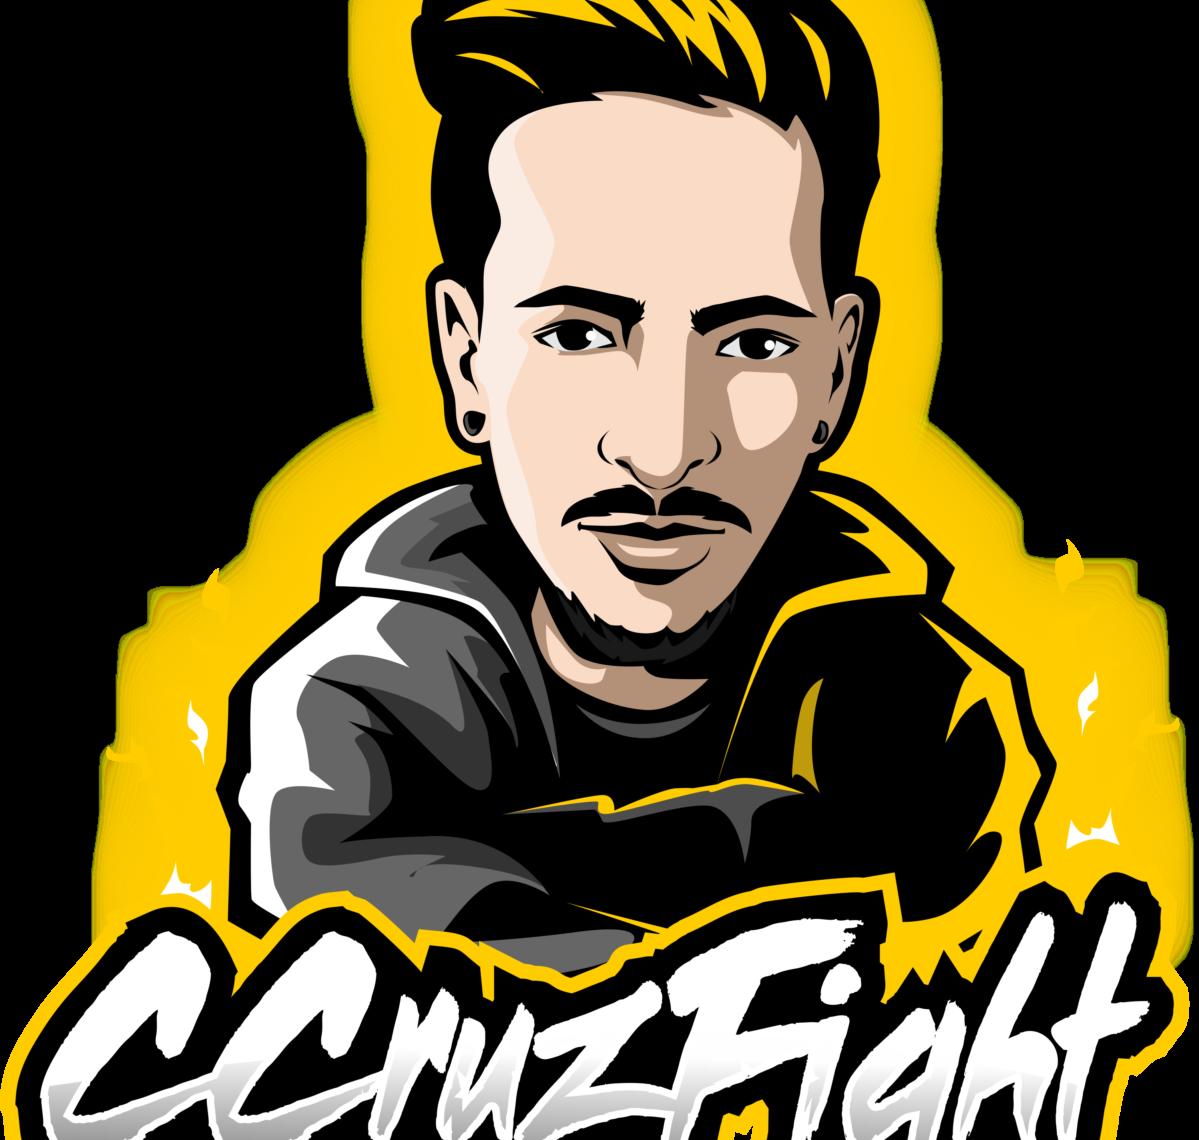 CCruzFight